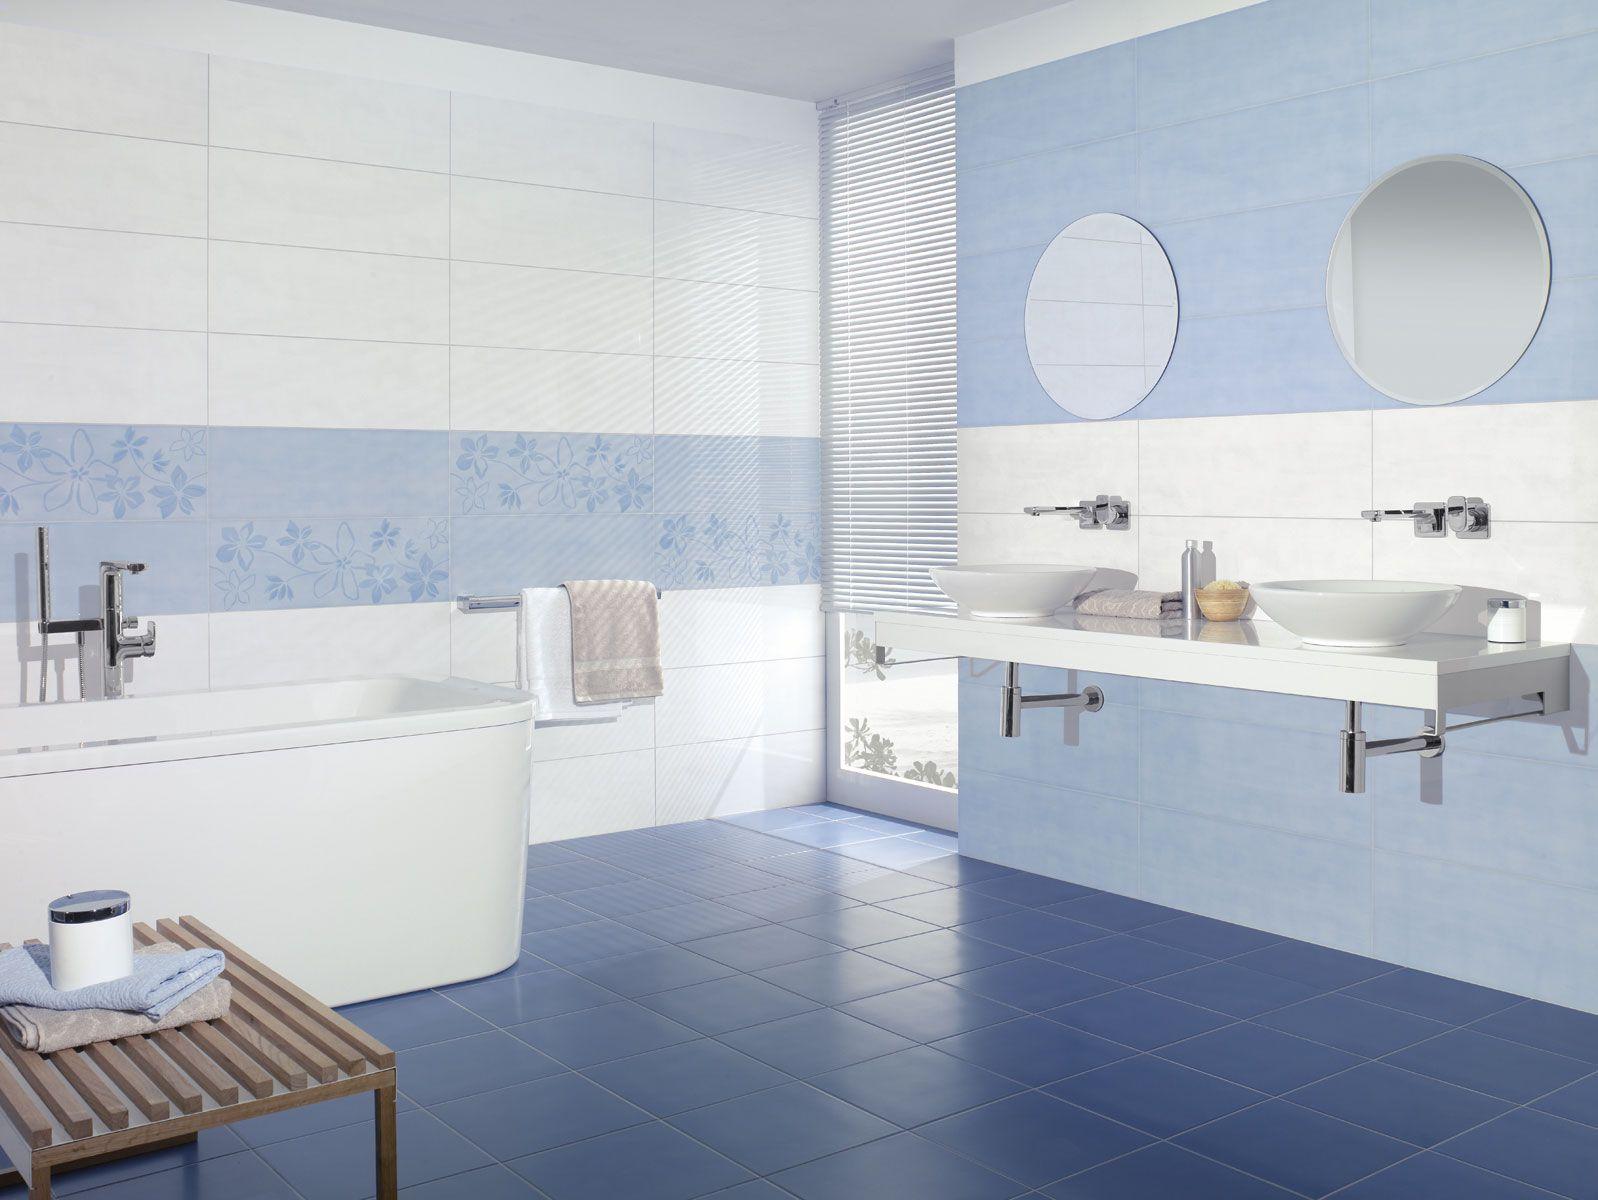 salle de bain bleue villeroy et boch